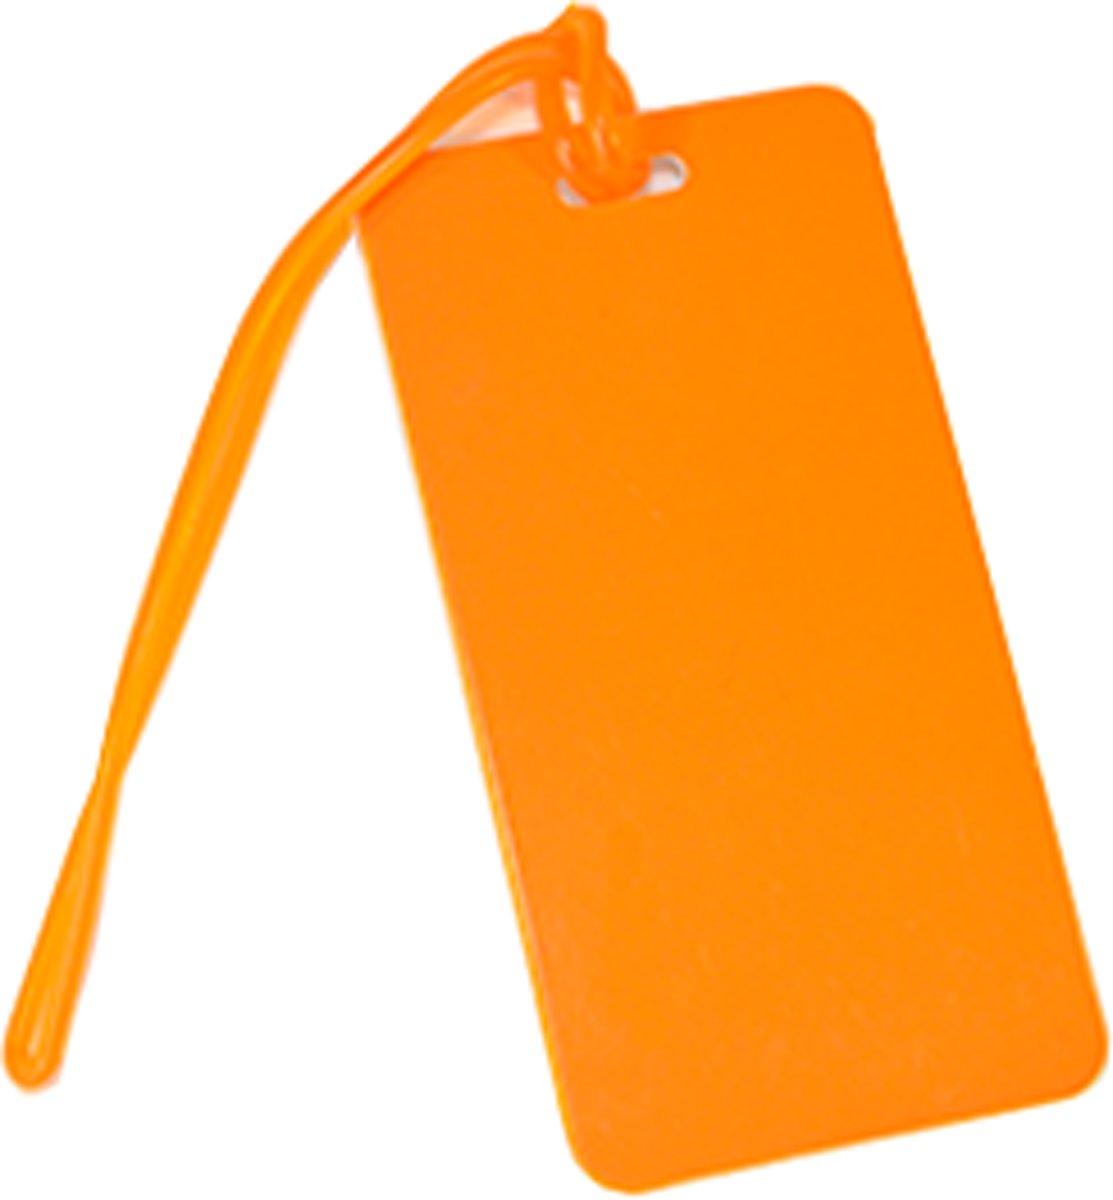 Kofferlabel / bagagelabel Oranje met QR-code kopen